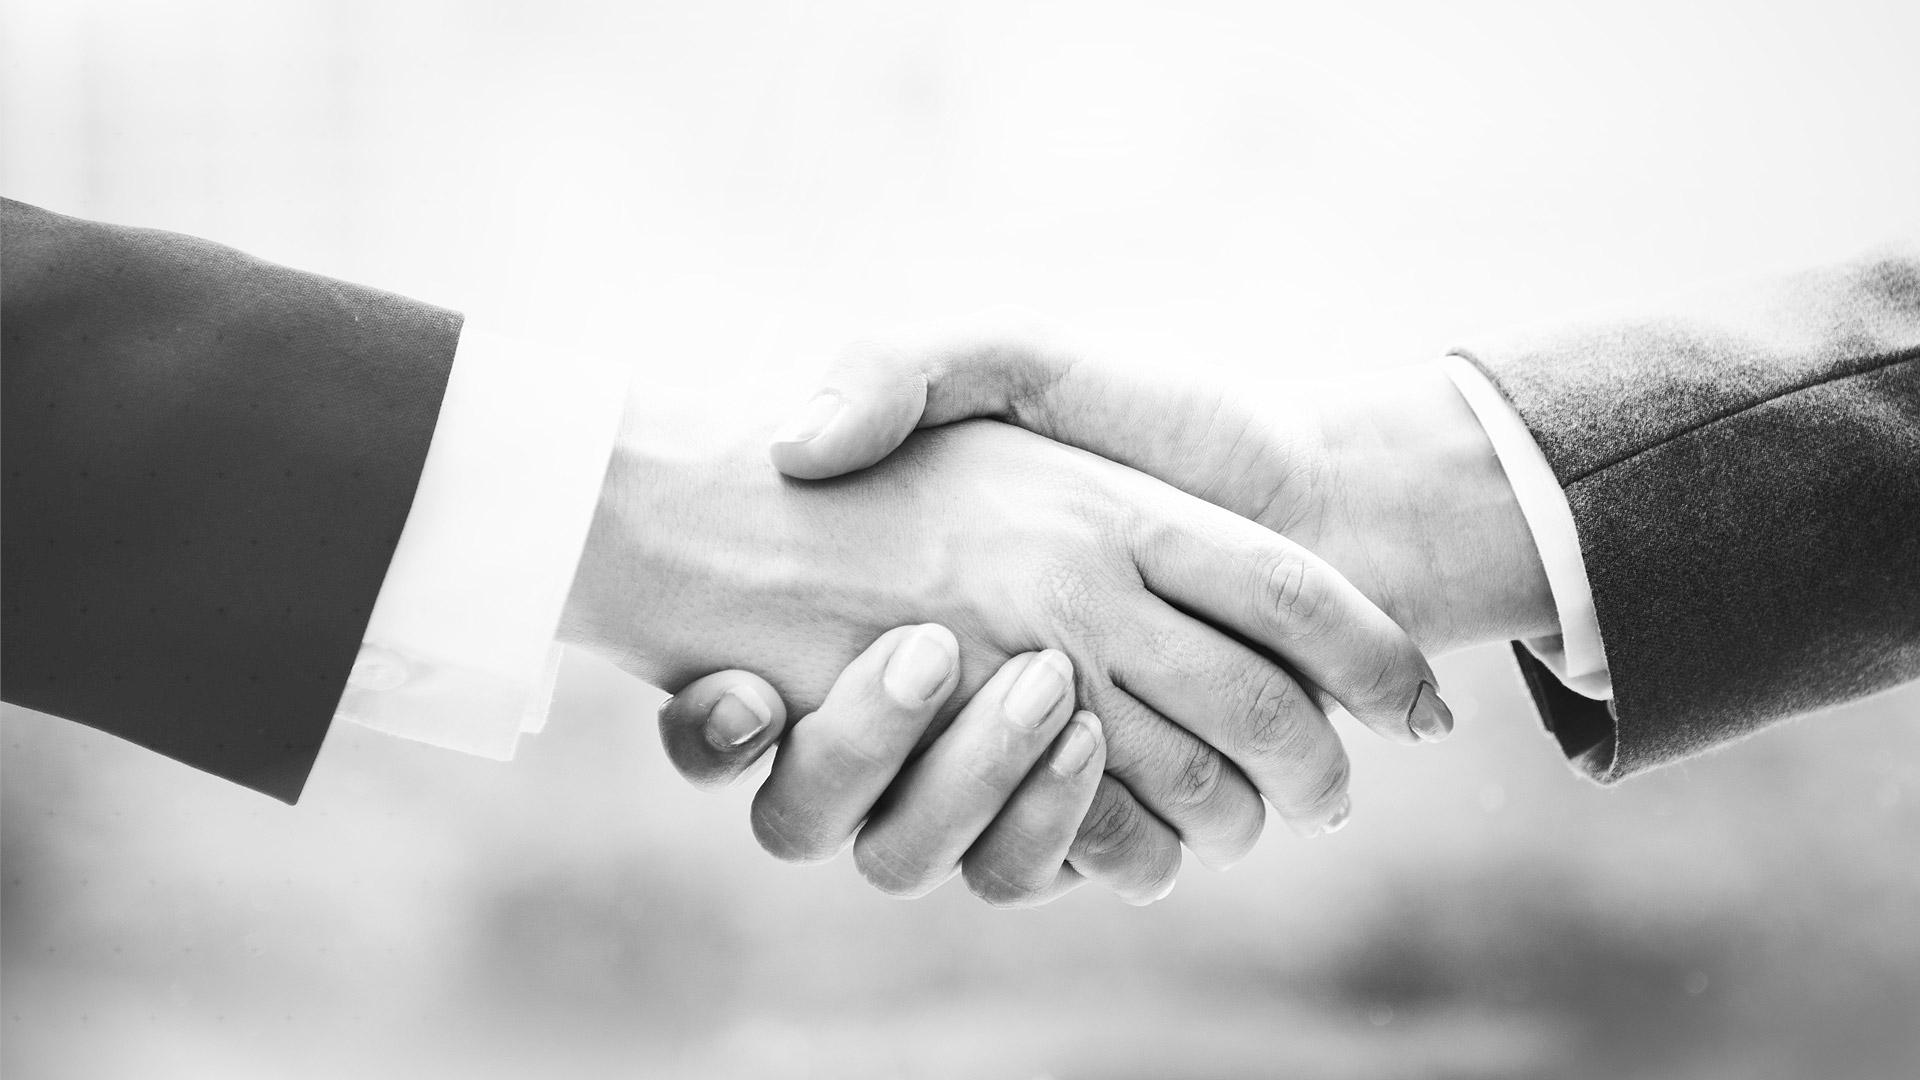 Corporate-Finance-Handshake